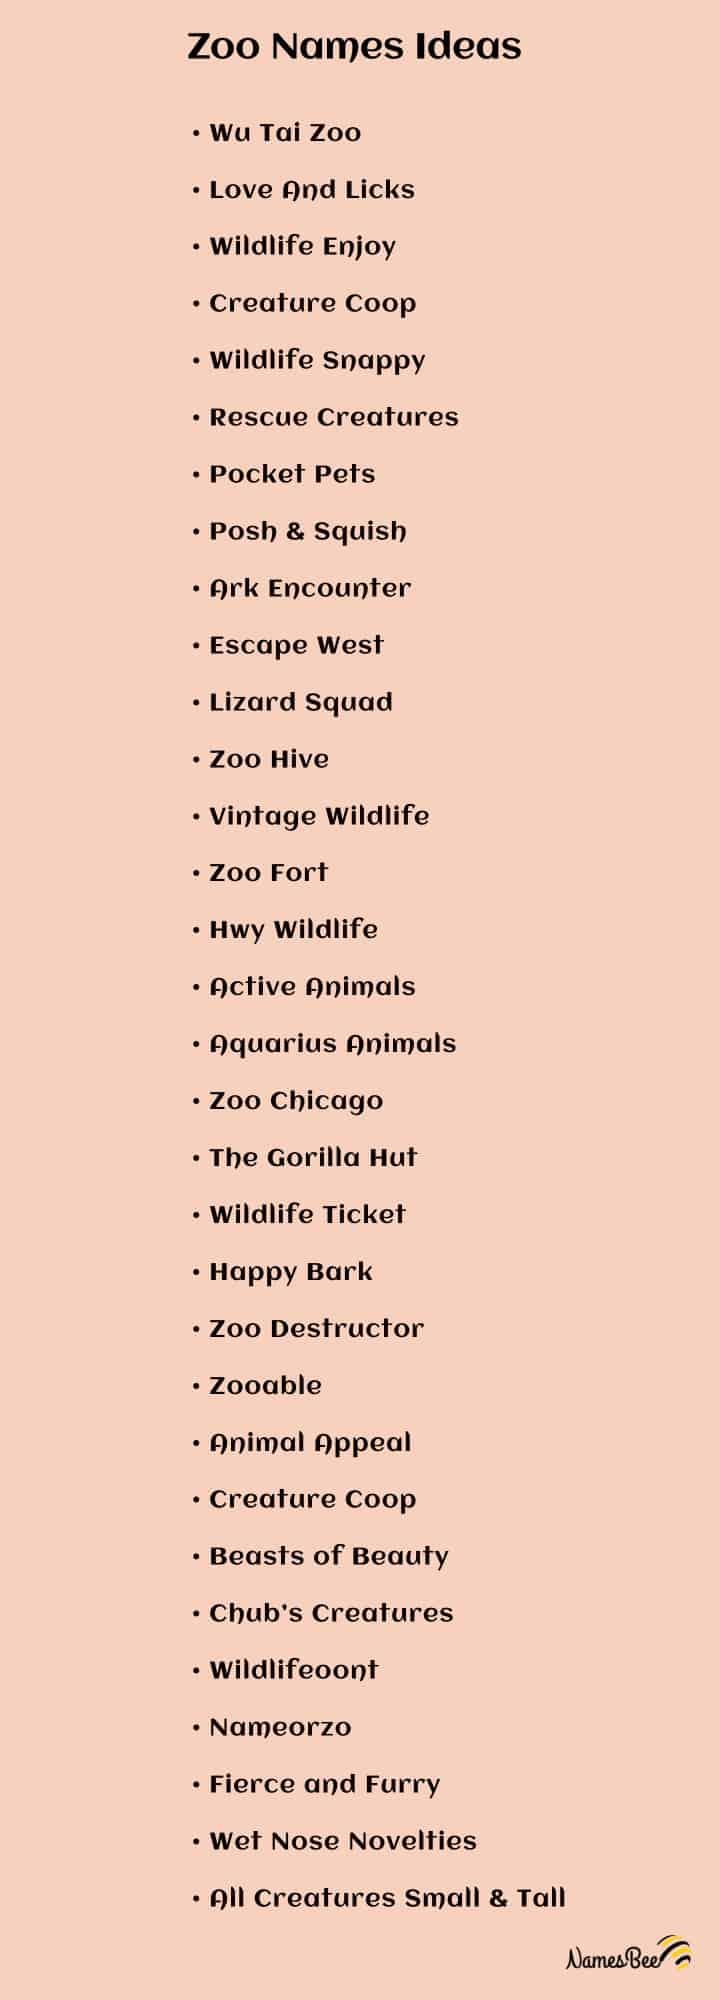 unique zoo names ideas